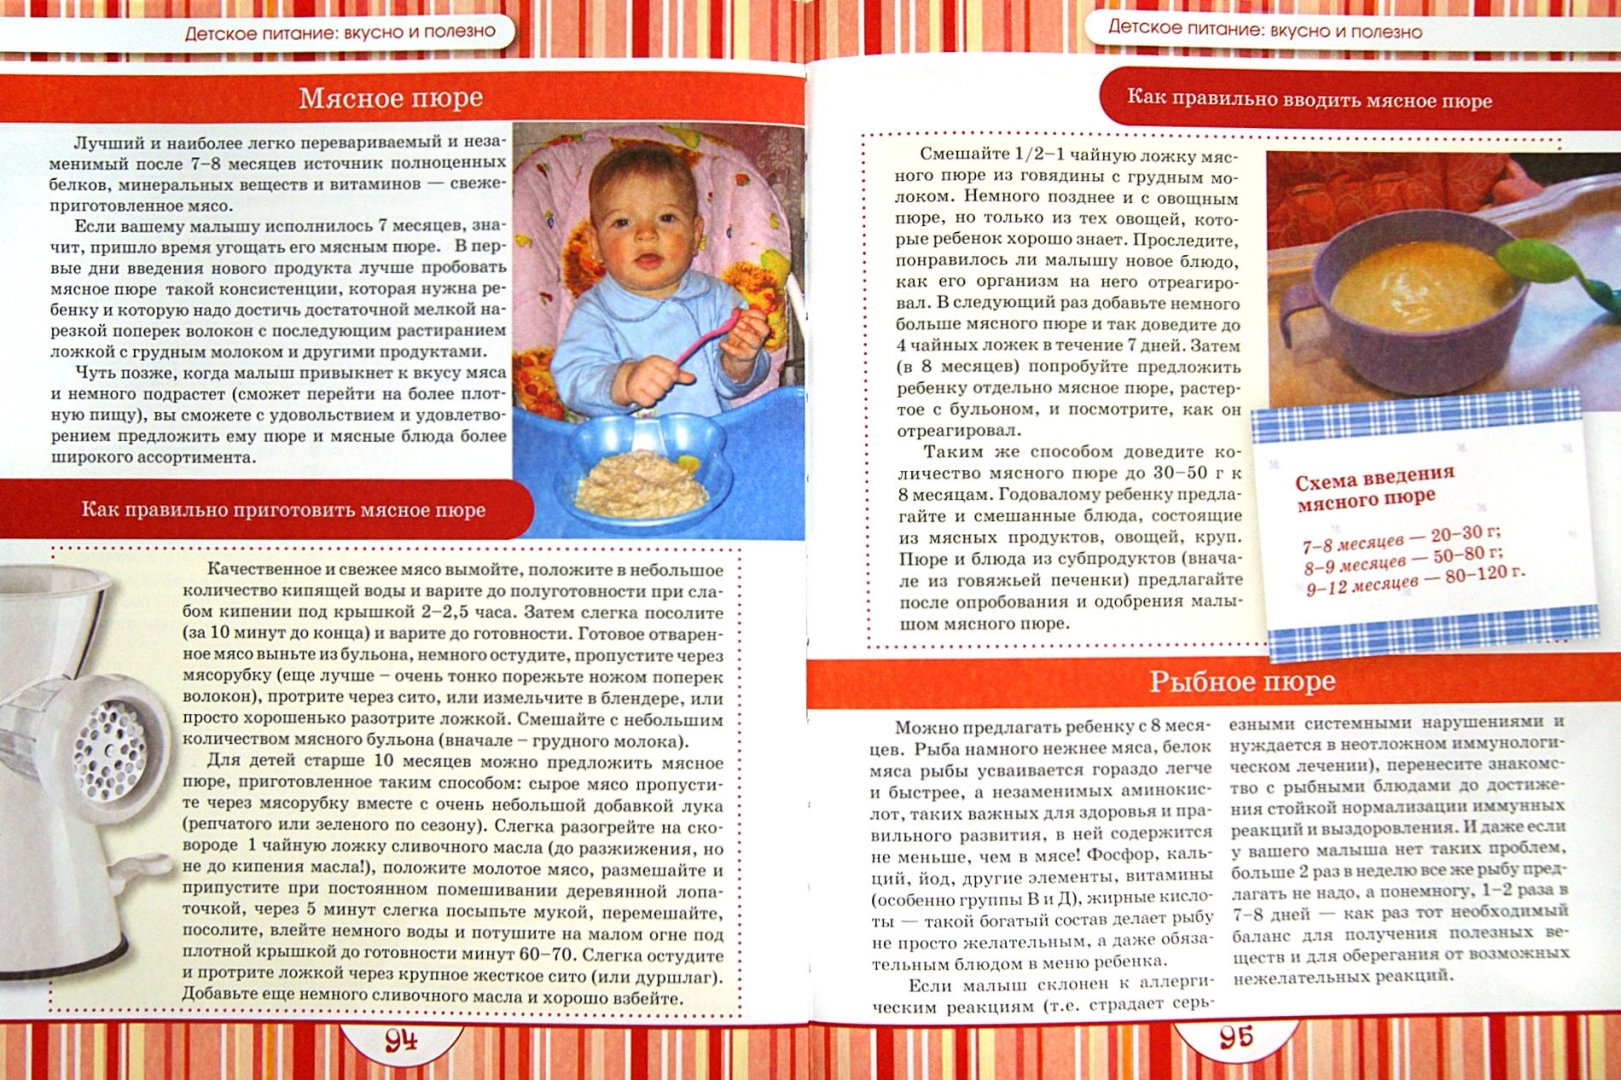 Иллюстрация 1 из 32 для Ваш кроха. Воспитание и развитие ребенка от 0 до 3 лет - Татьяна Тарабарина   Лабиринт - книги. Источник: Лабиринт